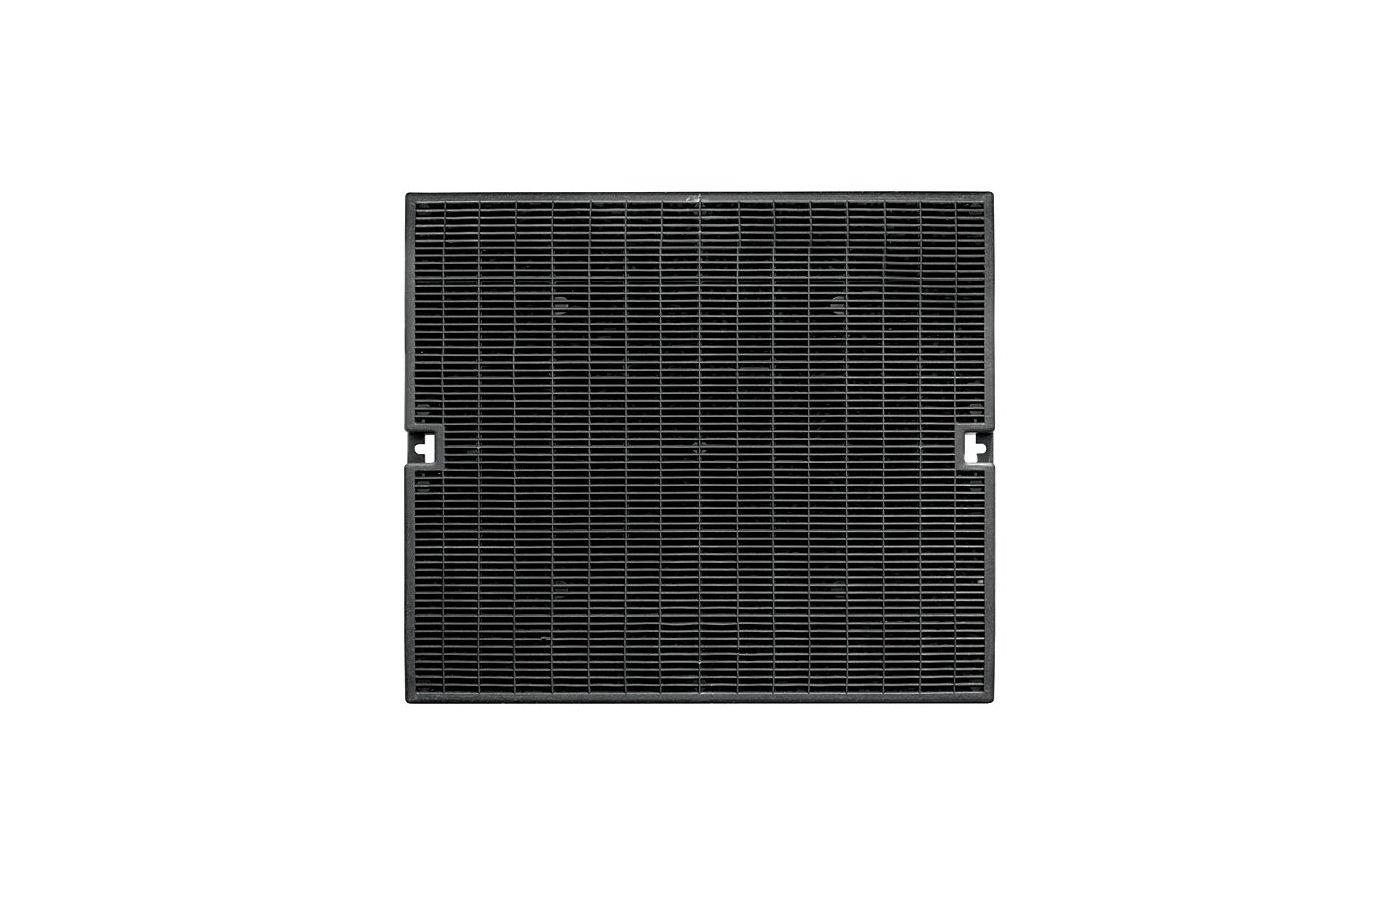 Фильтры для воздухоочистителей KRONA фильтр угольный тип KR F 900 (1шт)